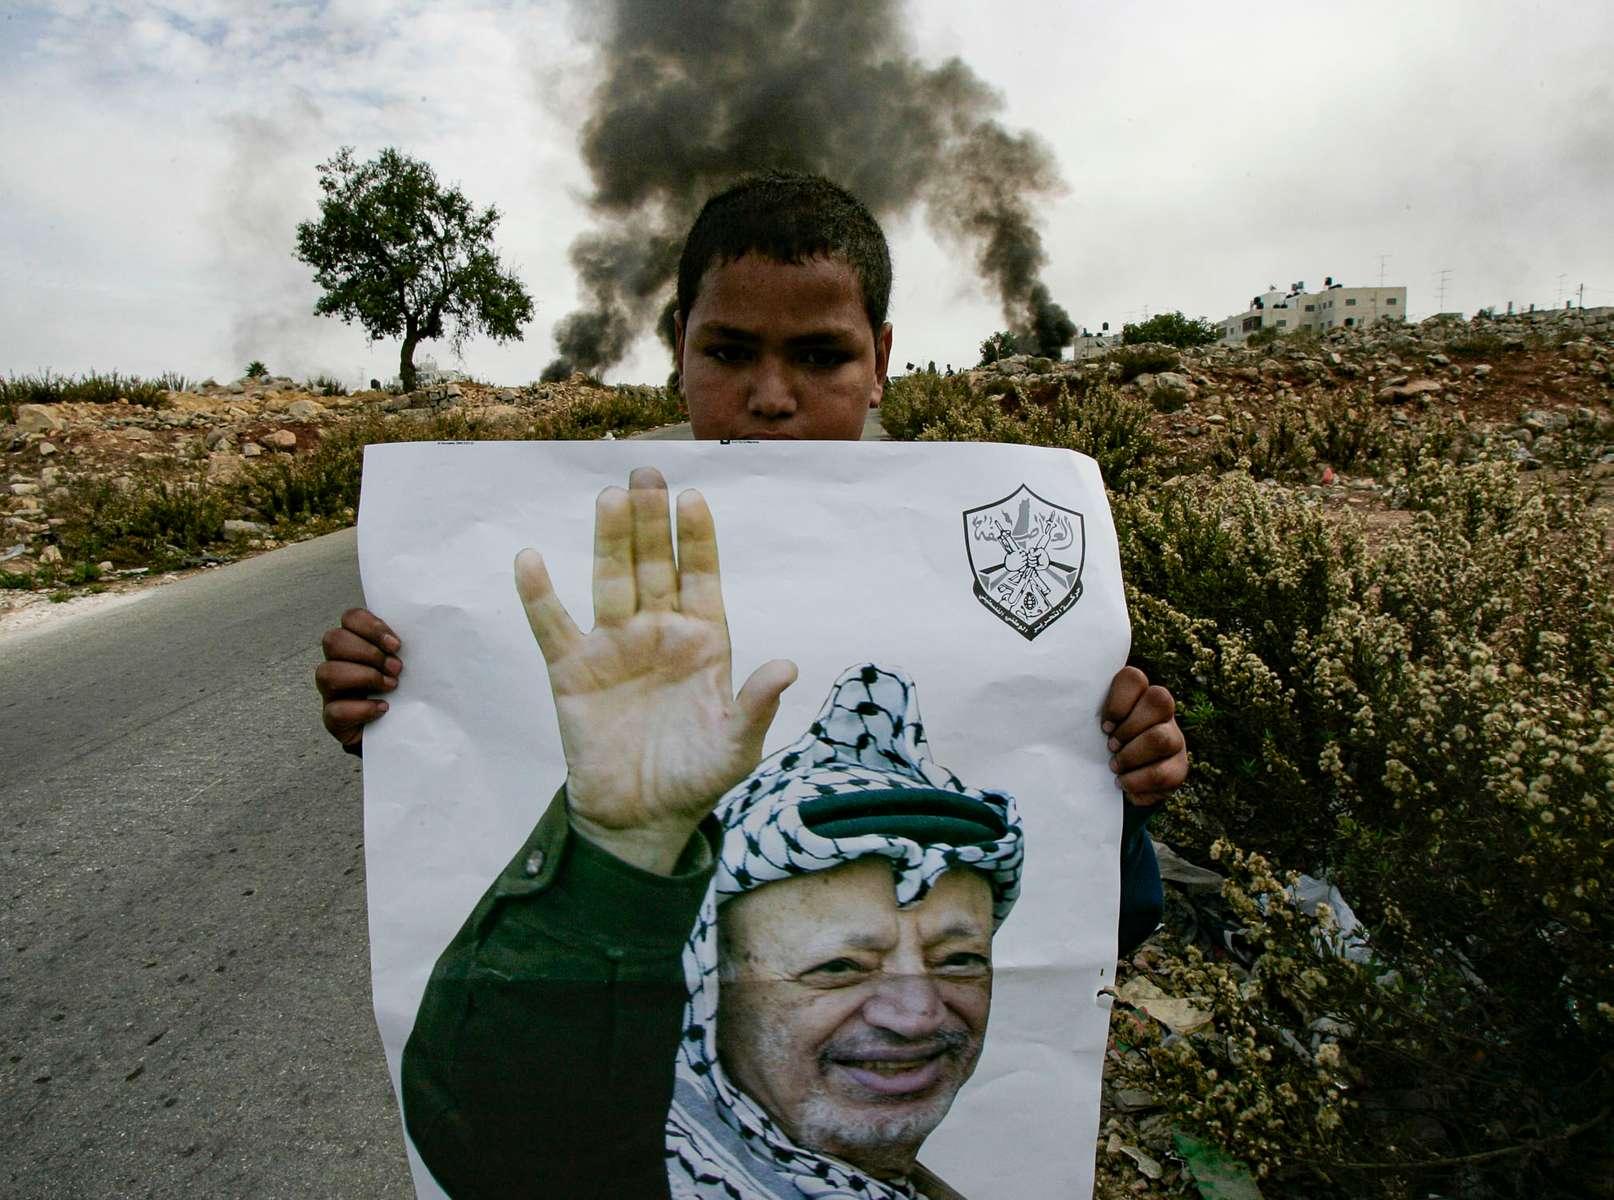 Le jour de l'annonce de la mort de yasser arafat a ramallah